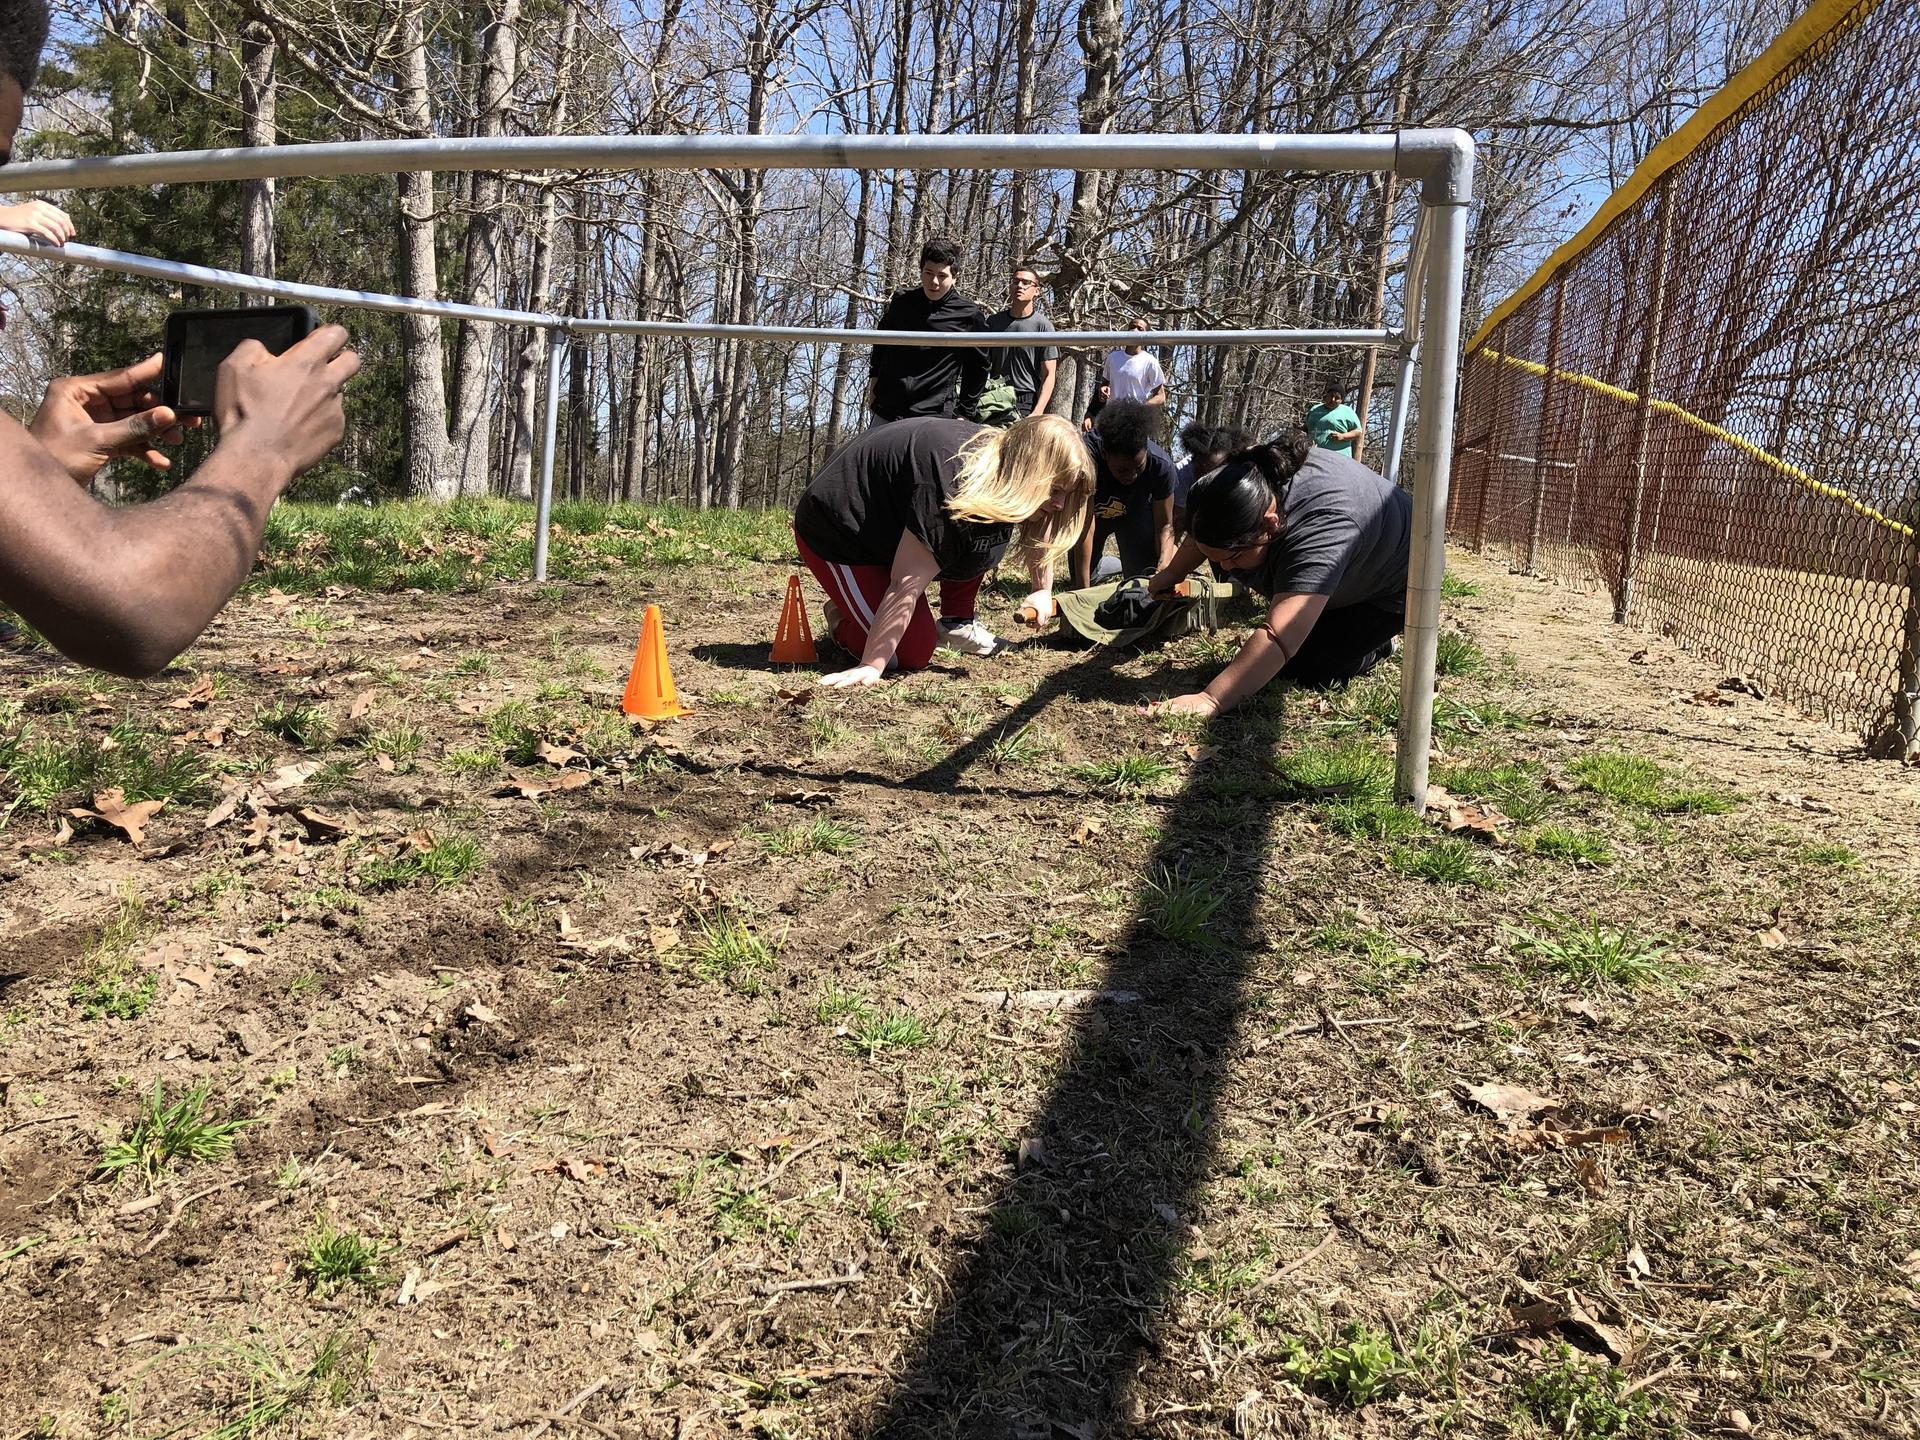 Bulldog JROTC Physical Training Low Crawl